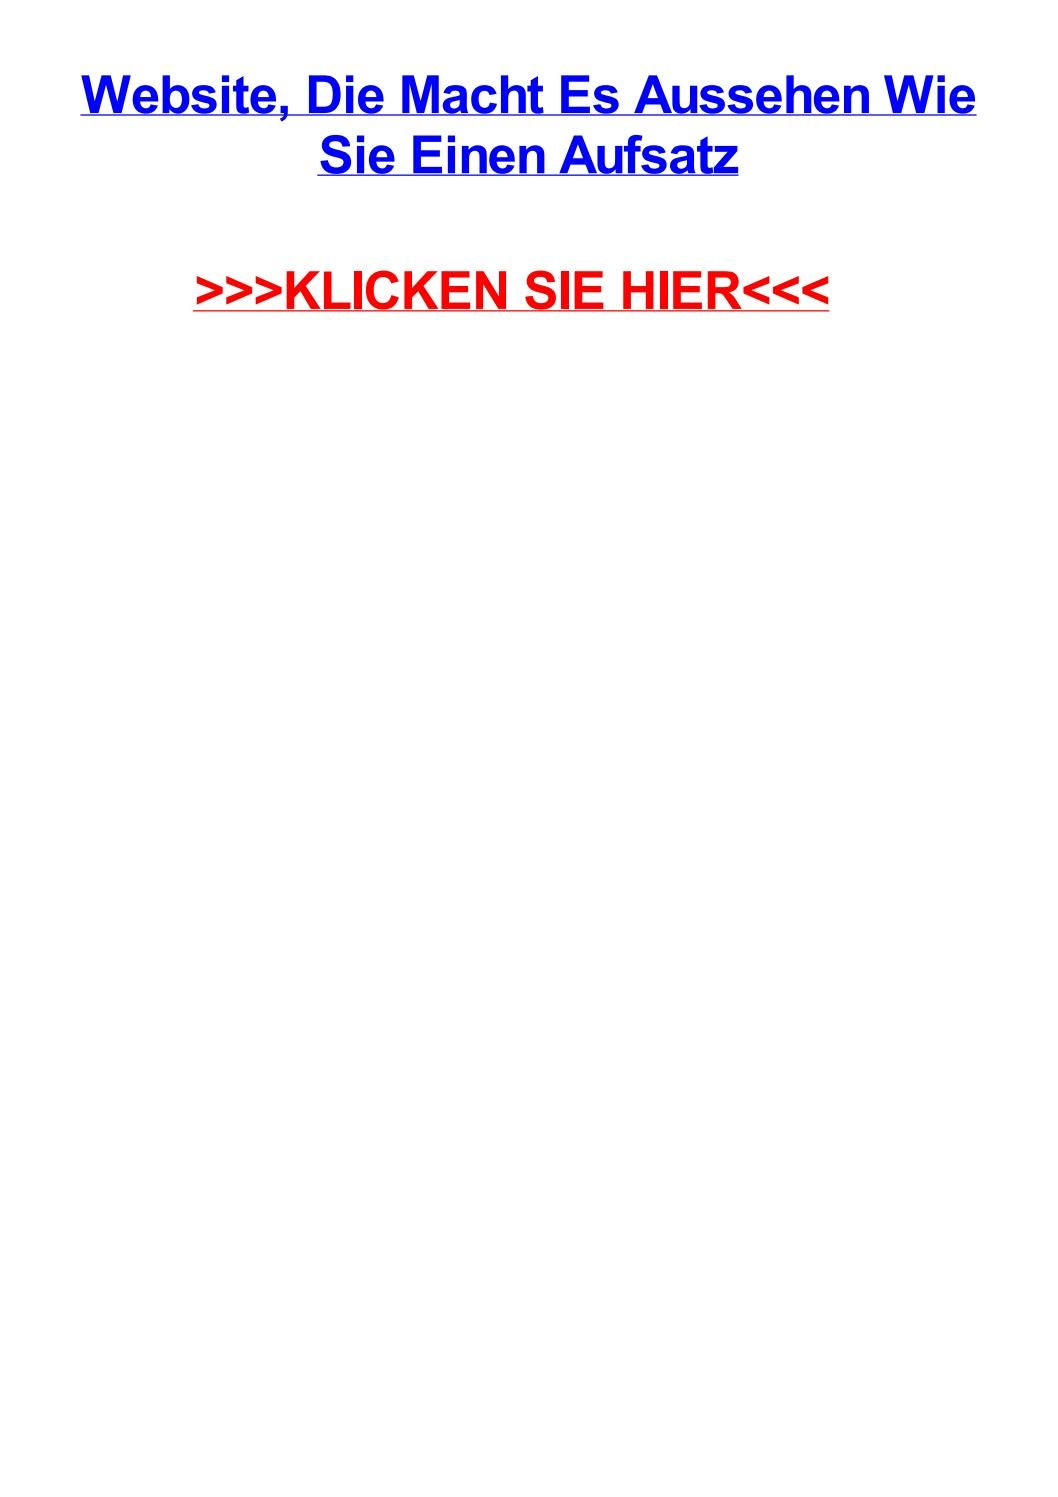 Website die macht es aussehen wie sie einen aufsatz by jenniferijzpq ...